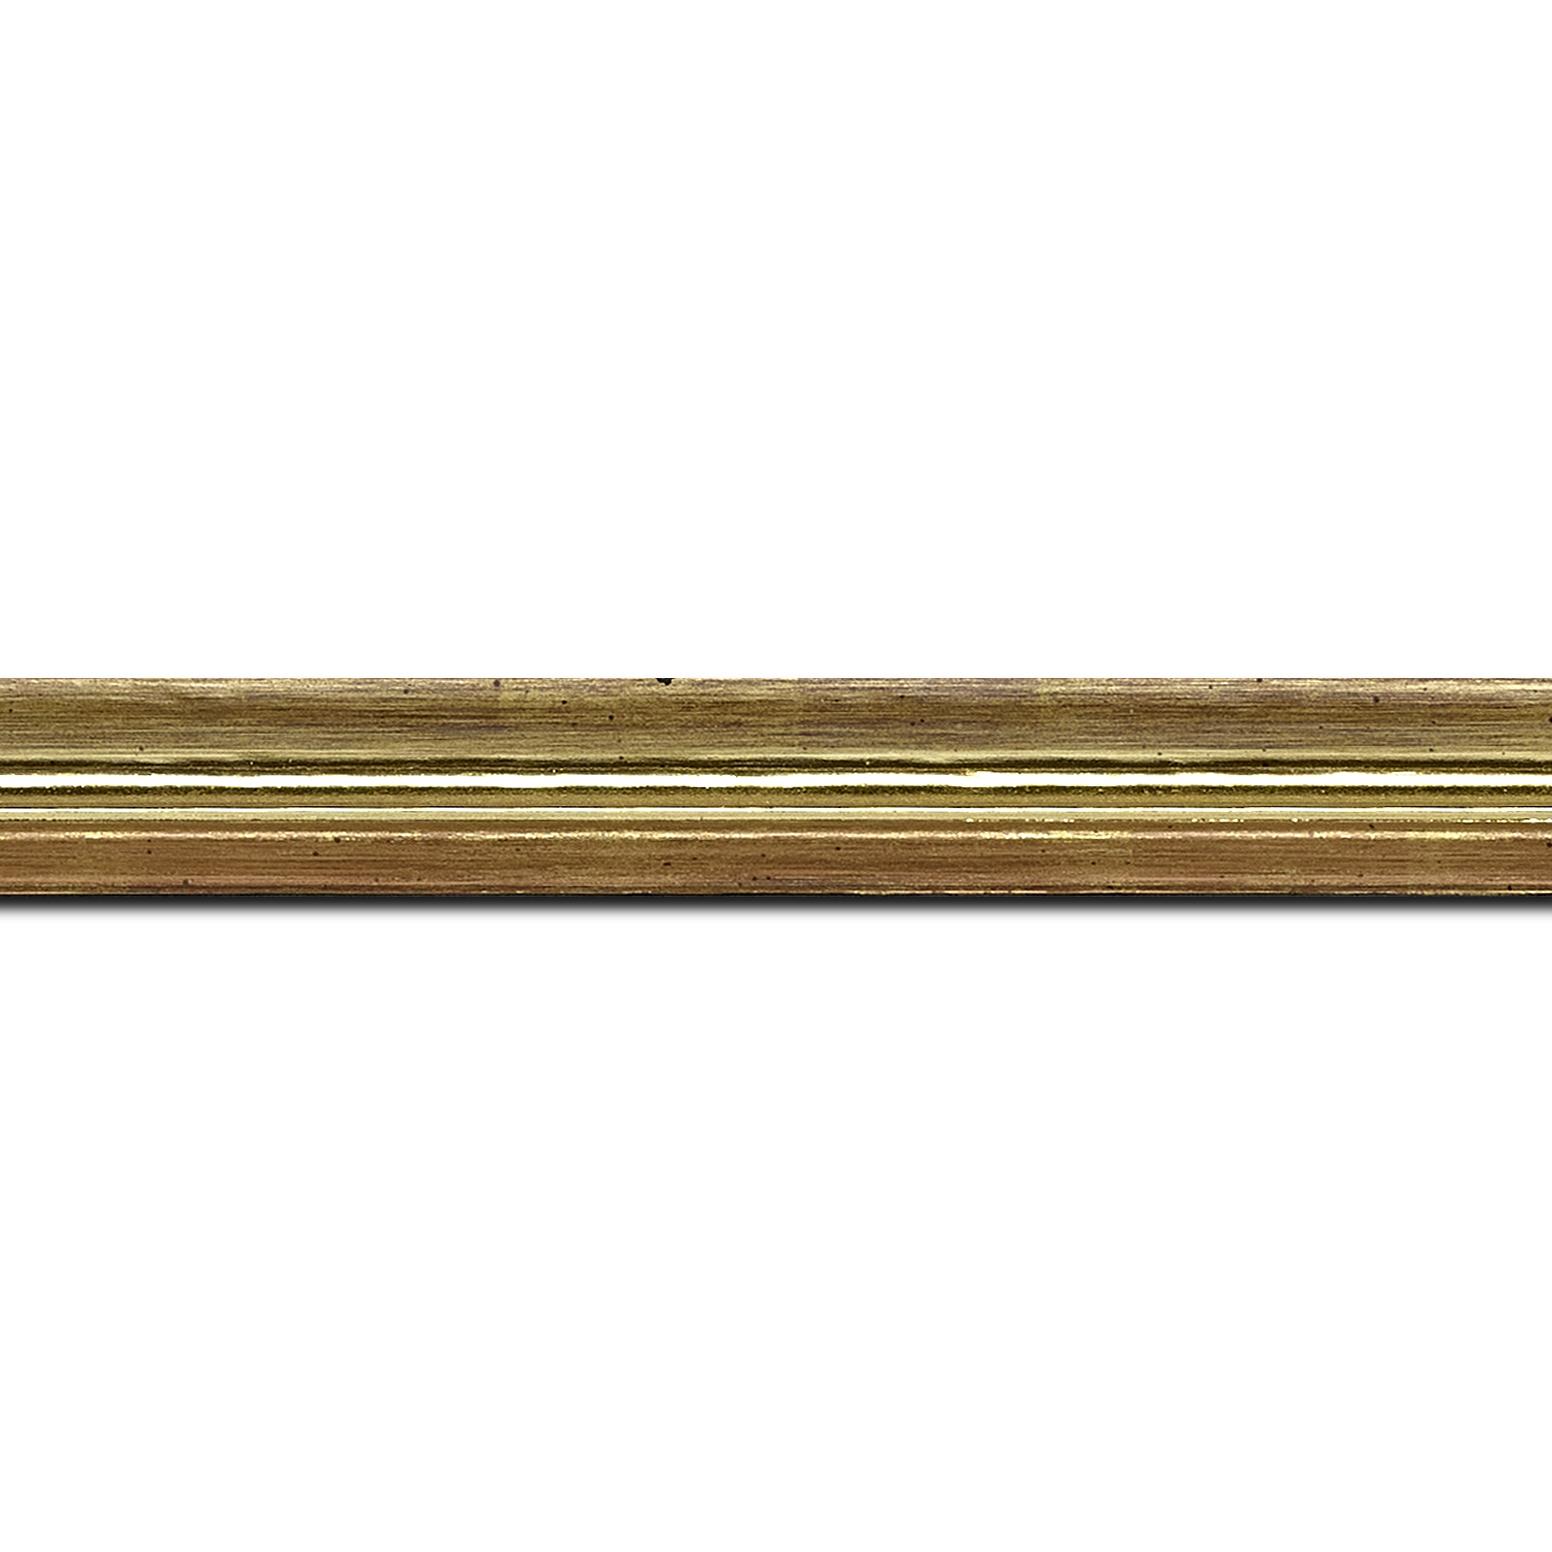 Pack par 12m, bois profil incurvé largeur 2cm couleur or coté extérieur foncé. finition haut de gamme car dorure à l'eau fait main (longueur baguette pouvant varier entre 2.40m et 3m selon arrivage des bois)